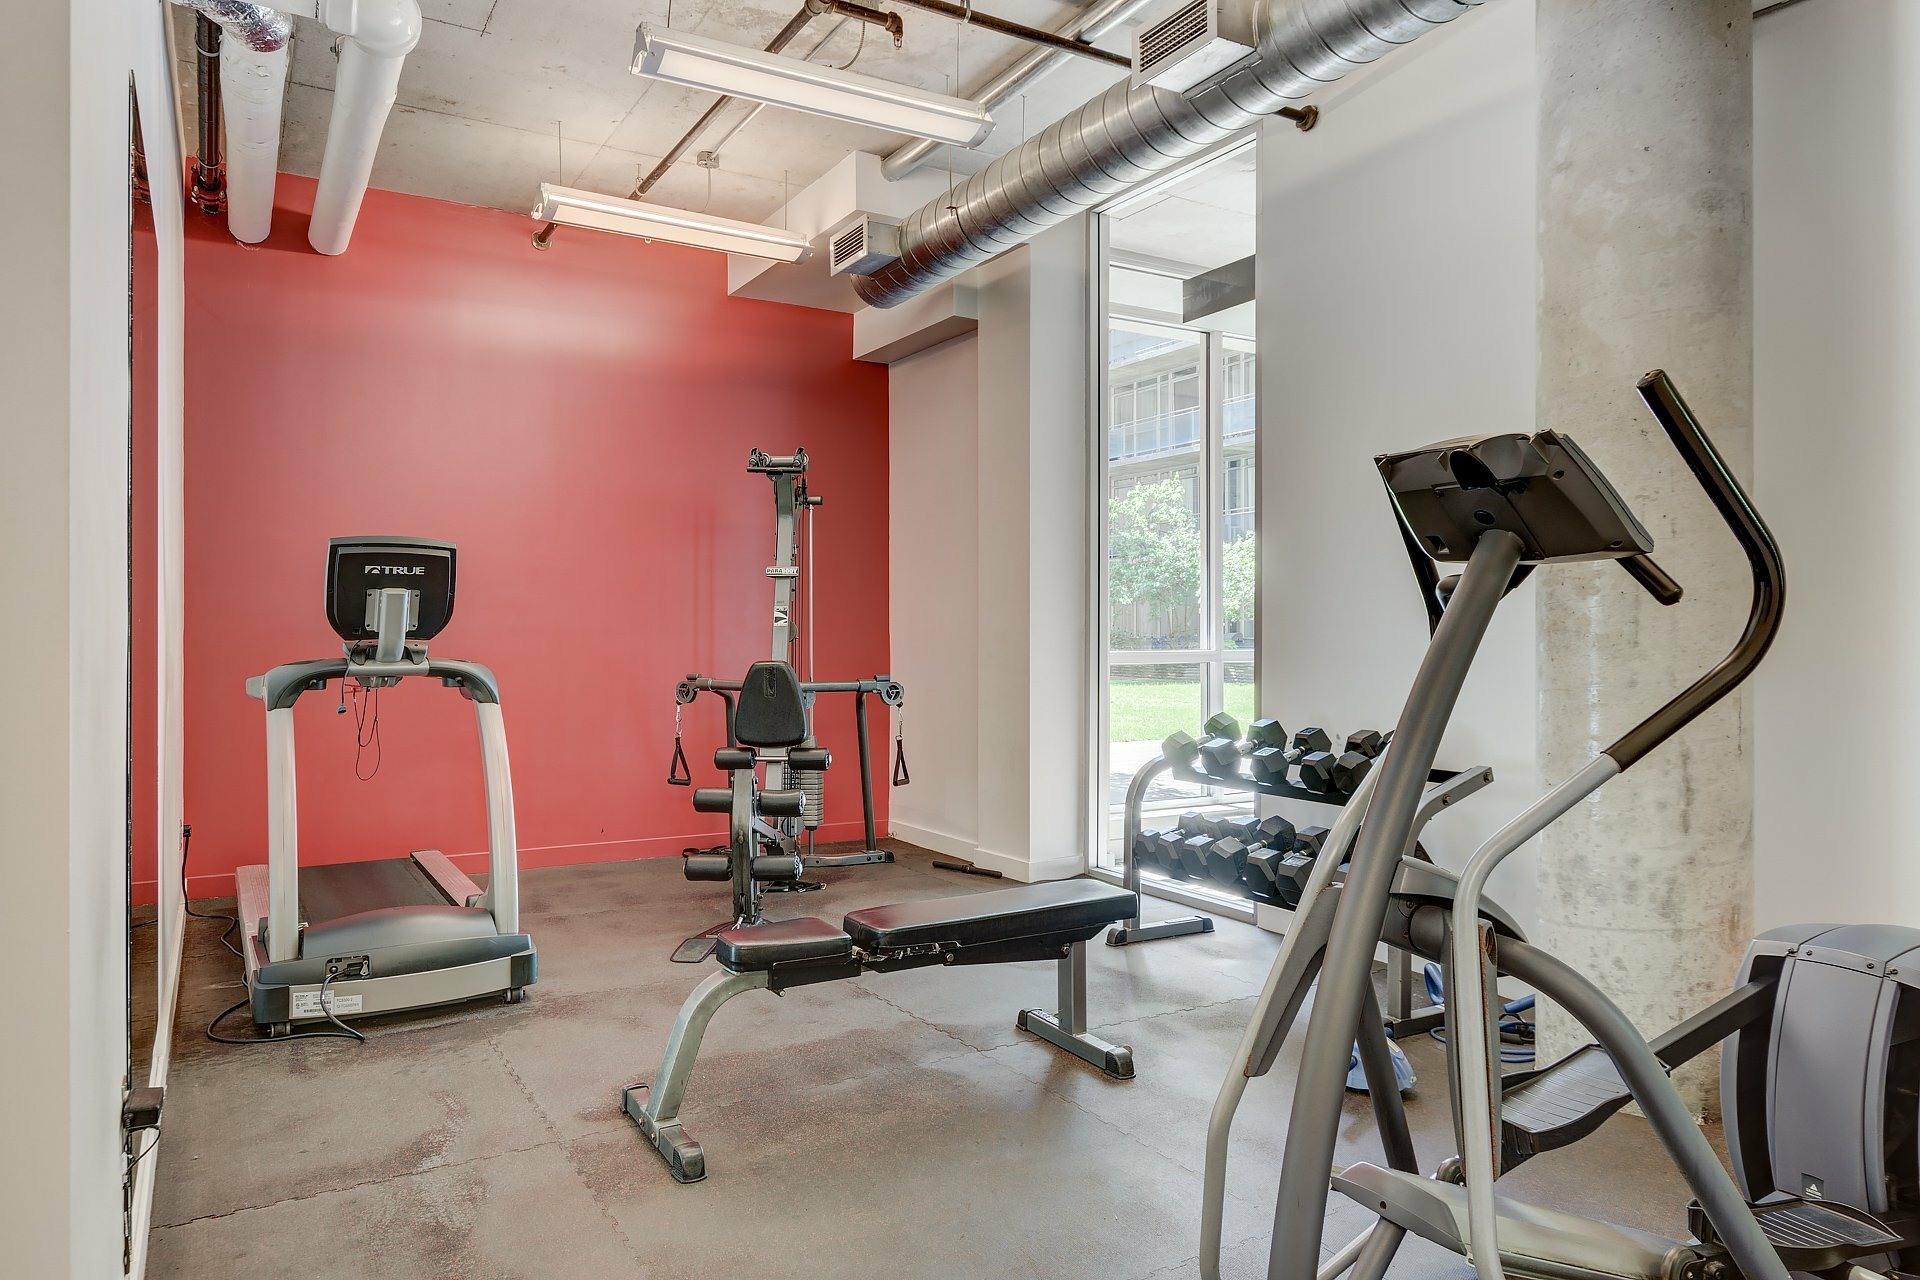 image 19 - Apartment For rent Ville-Marie Montréal  - 3 rooms